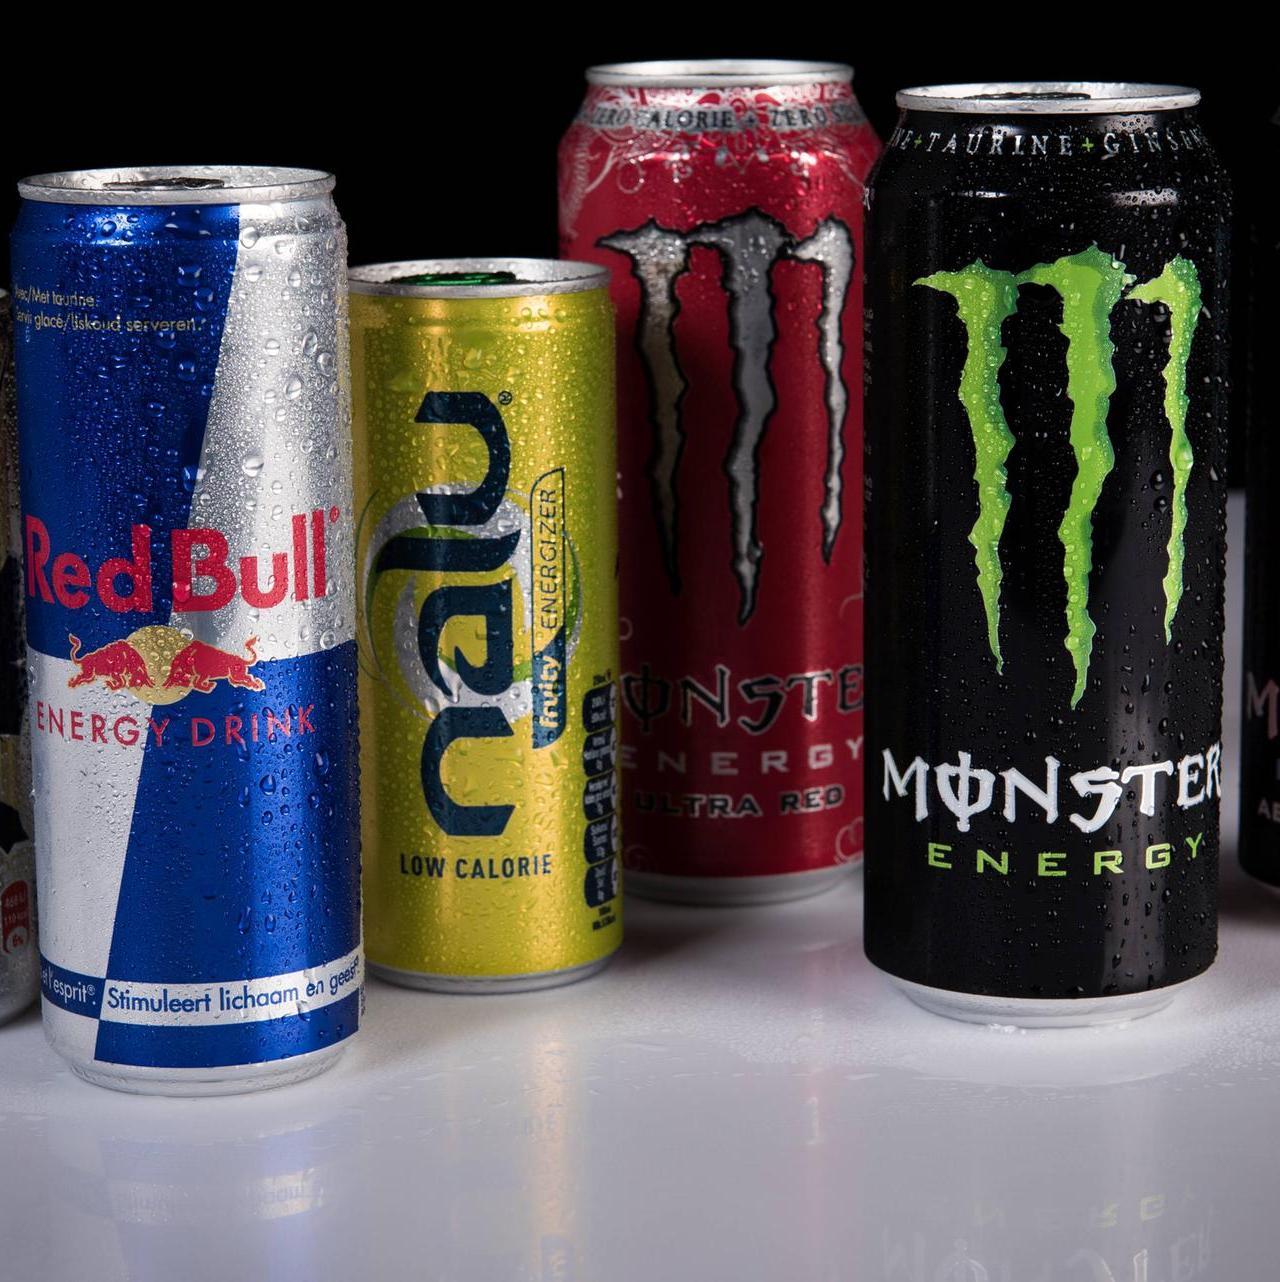 Energy Drink Angebote ab 0.61 im Geschäft und Online ab dem 11.01 - 17.01